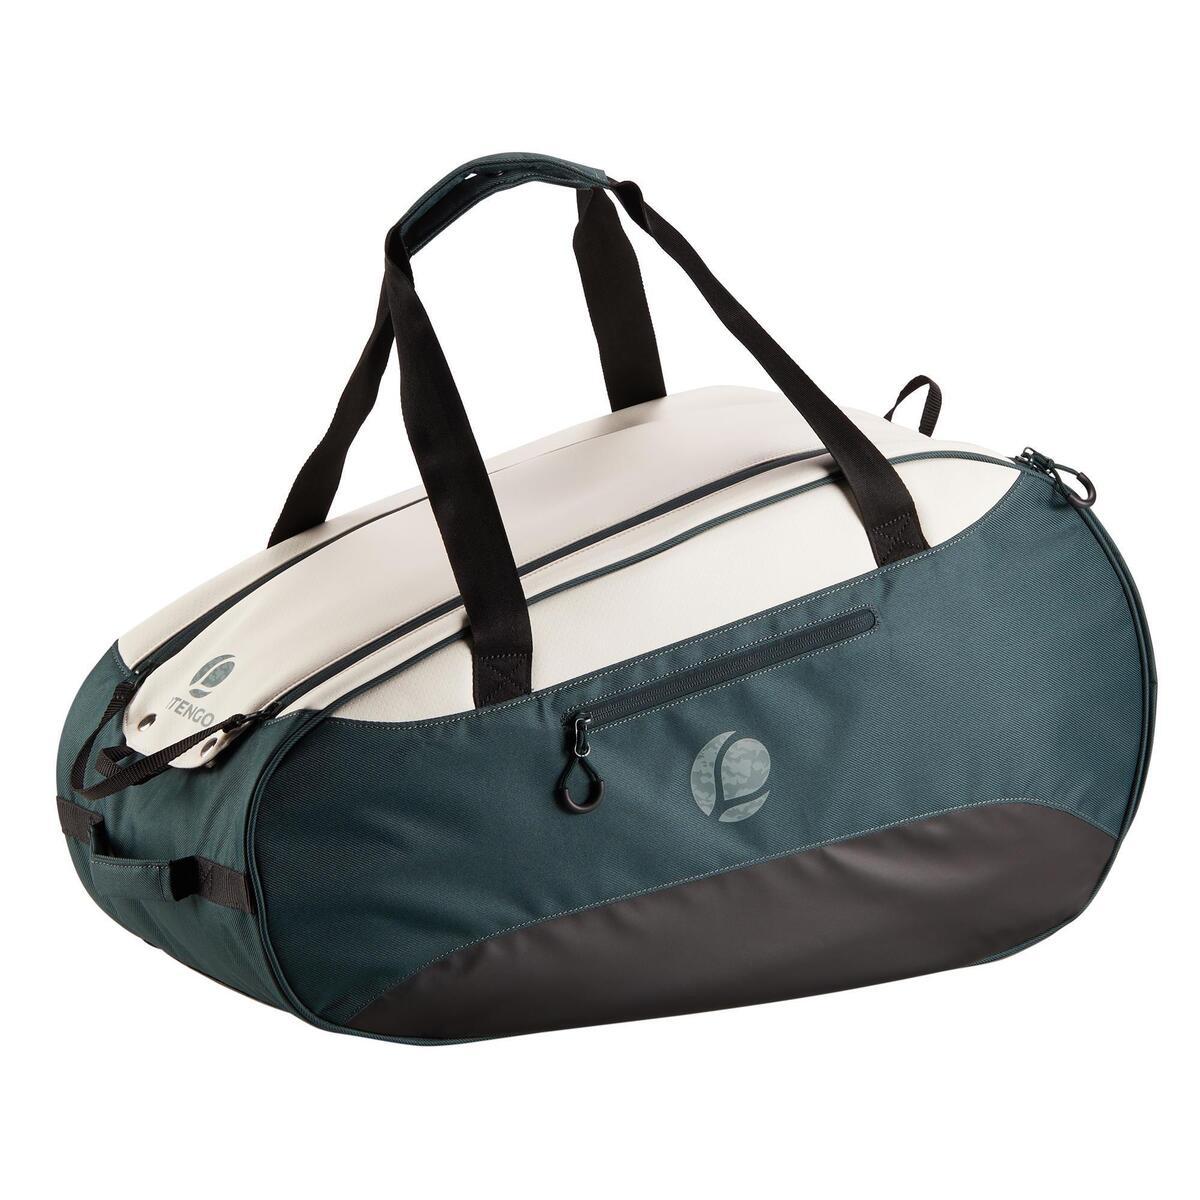 Bild 2 von Tennistasche 500 S khaki/weiß